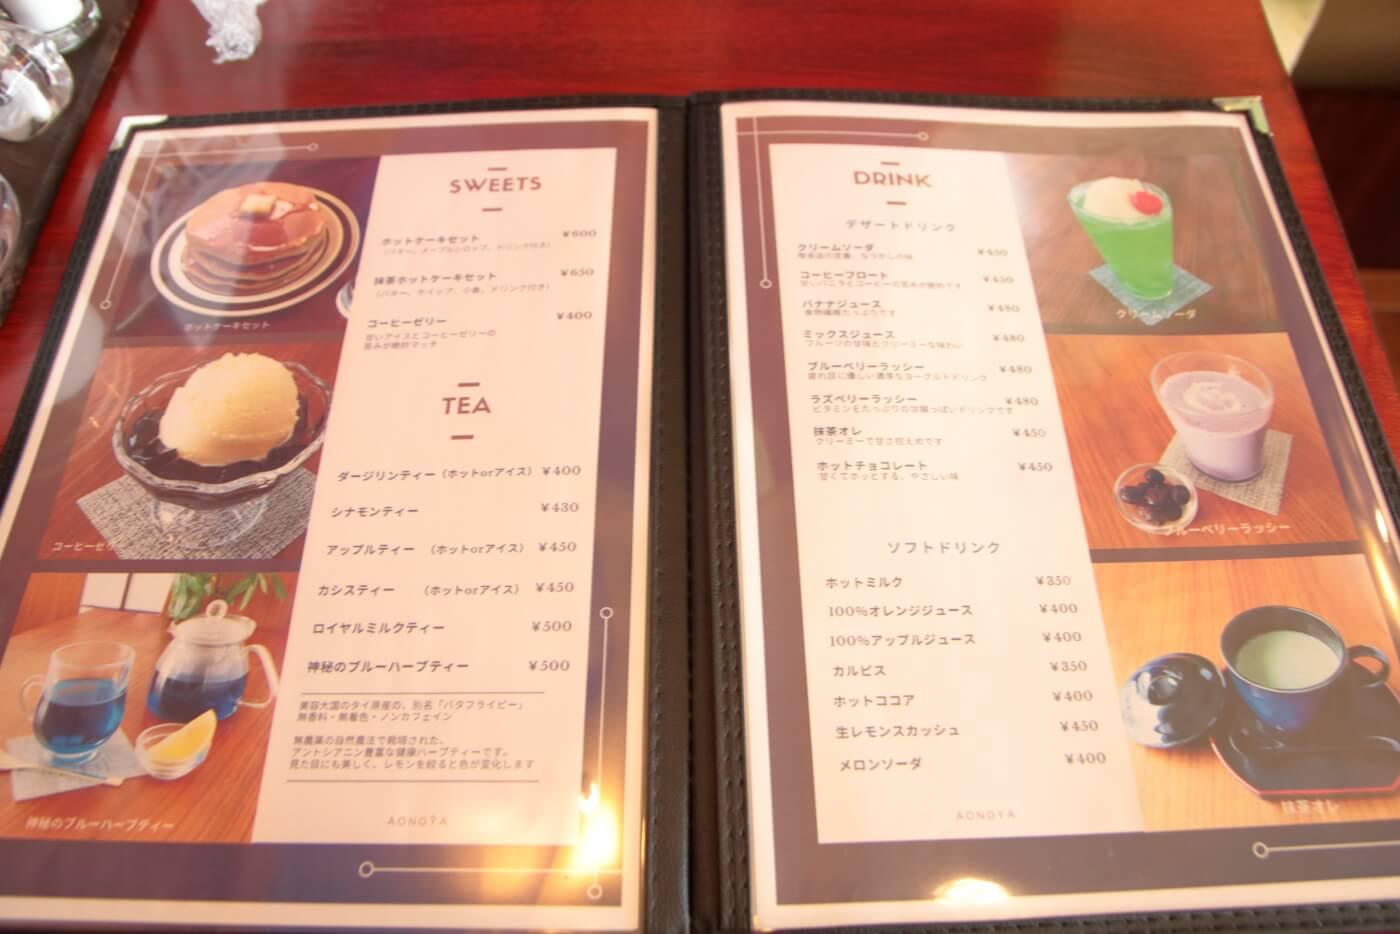 高知市のカフェ蒼乃屋のスイーツメニュー